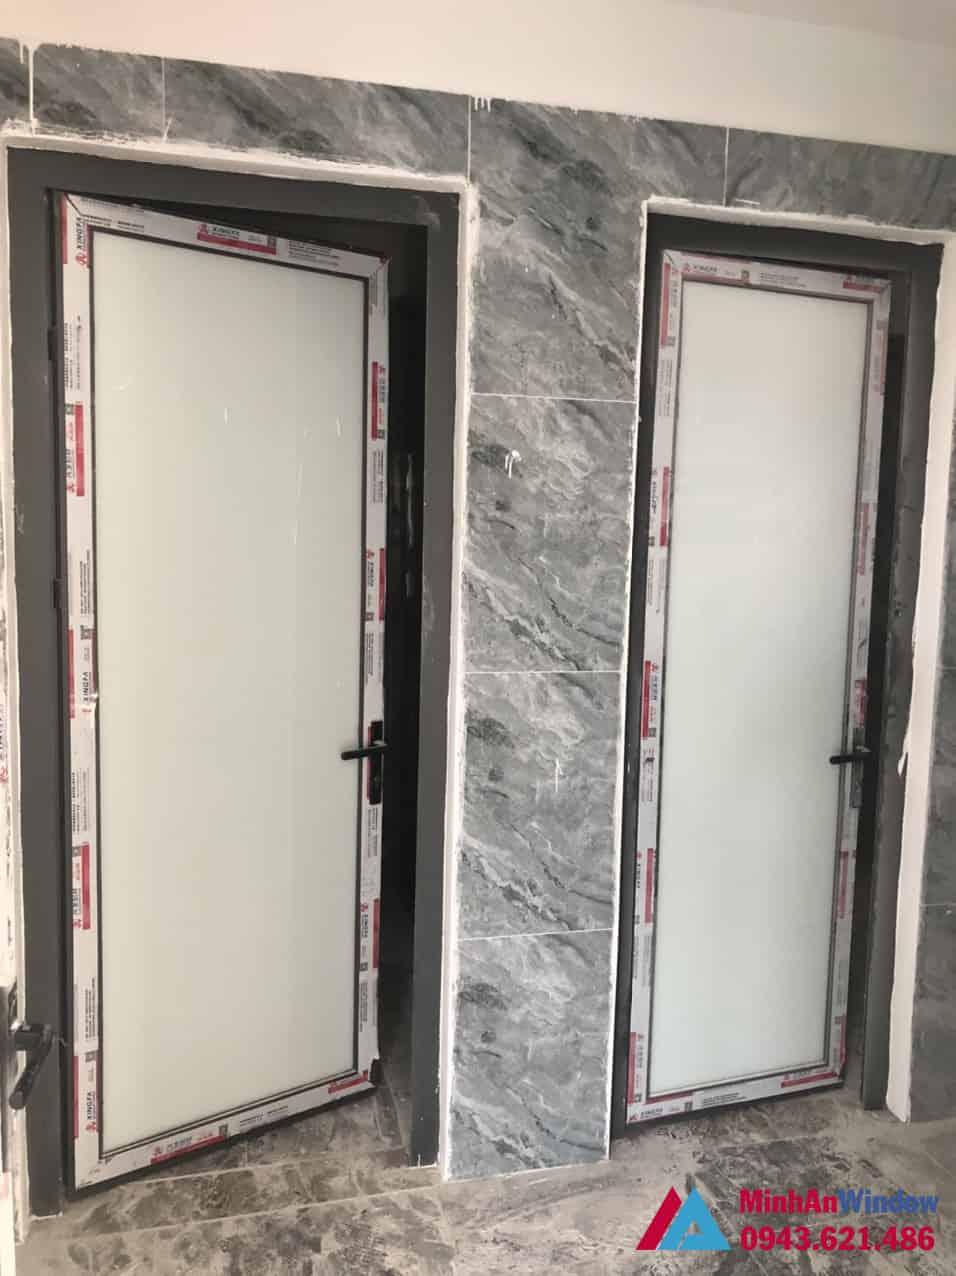 Mẫu cửa đi nhôm kính 1 cánh Minh An Window lắp đặt tại huyện Ba Vì